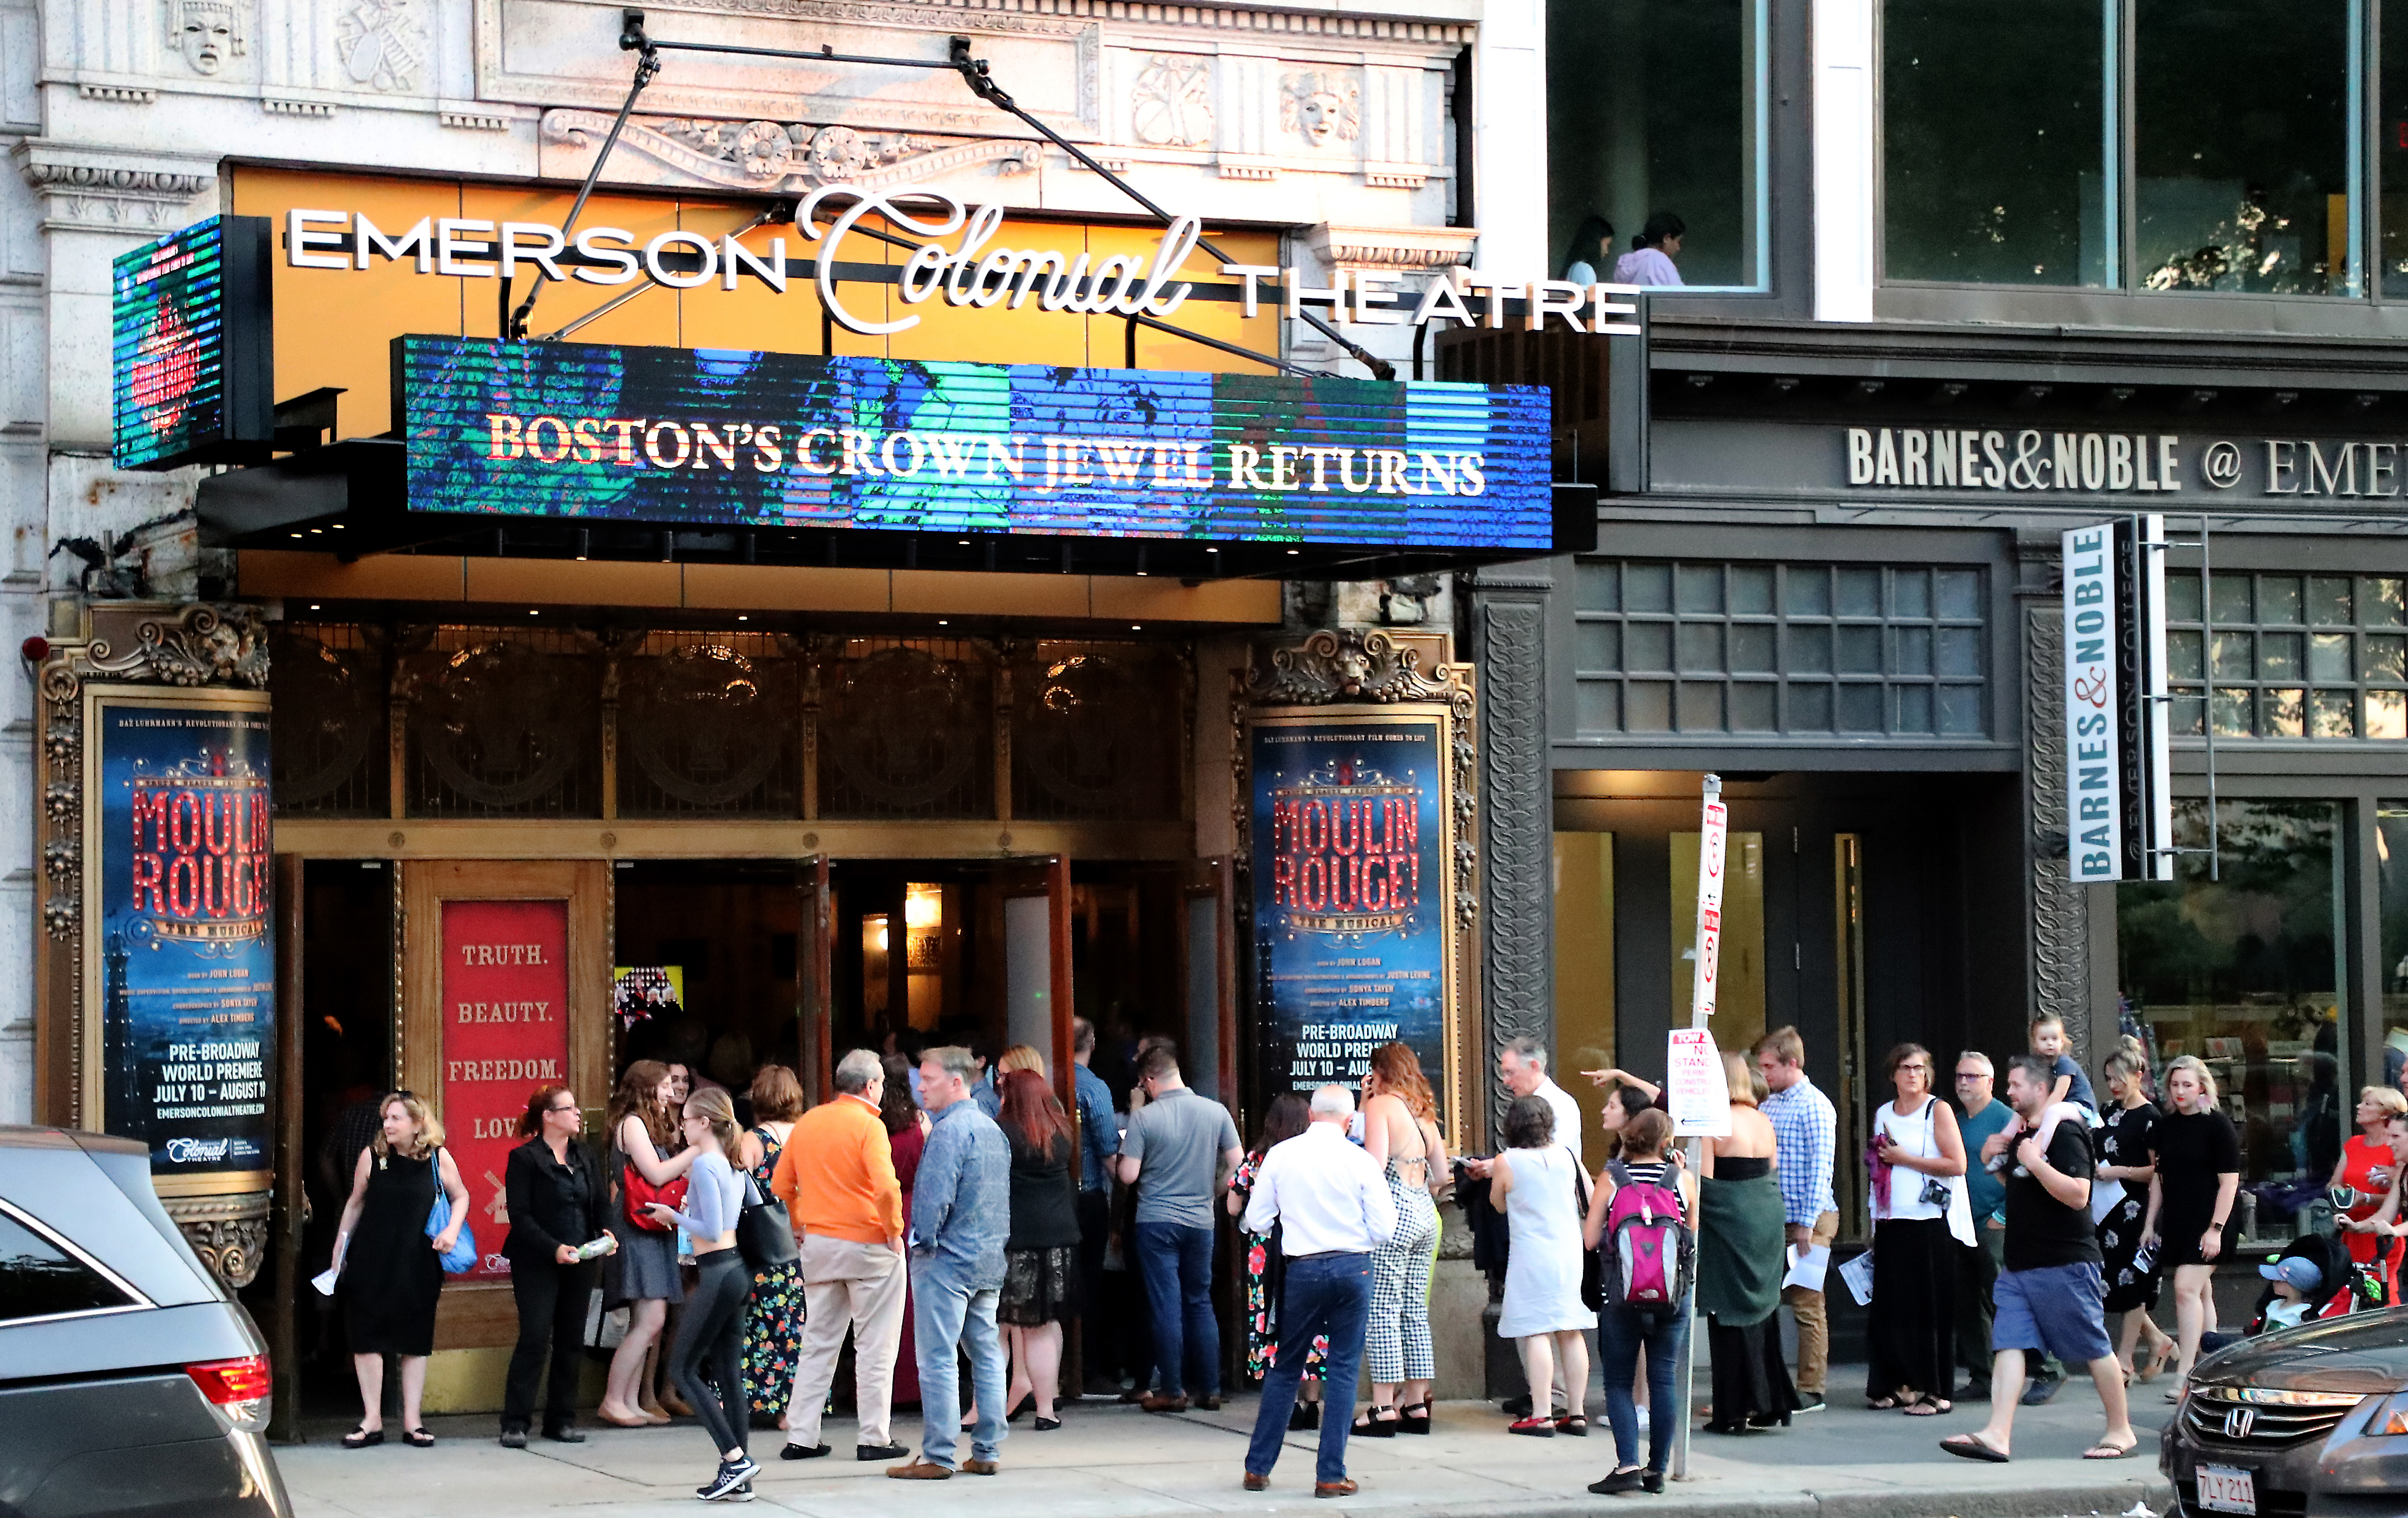 A comeback role for Boston's theater district? - The Boston Globe